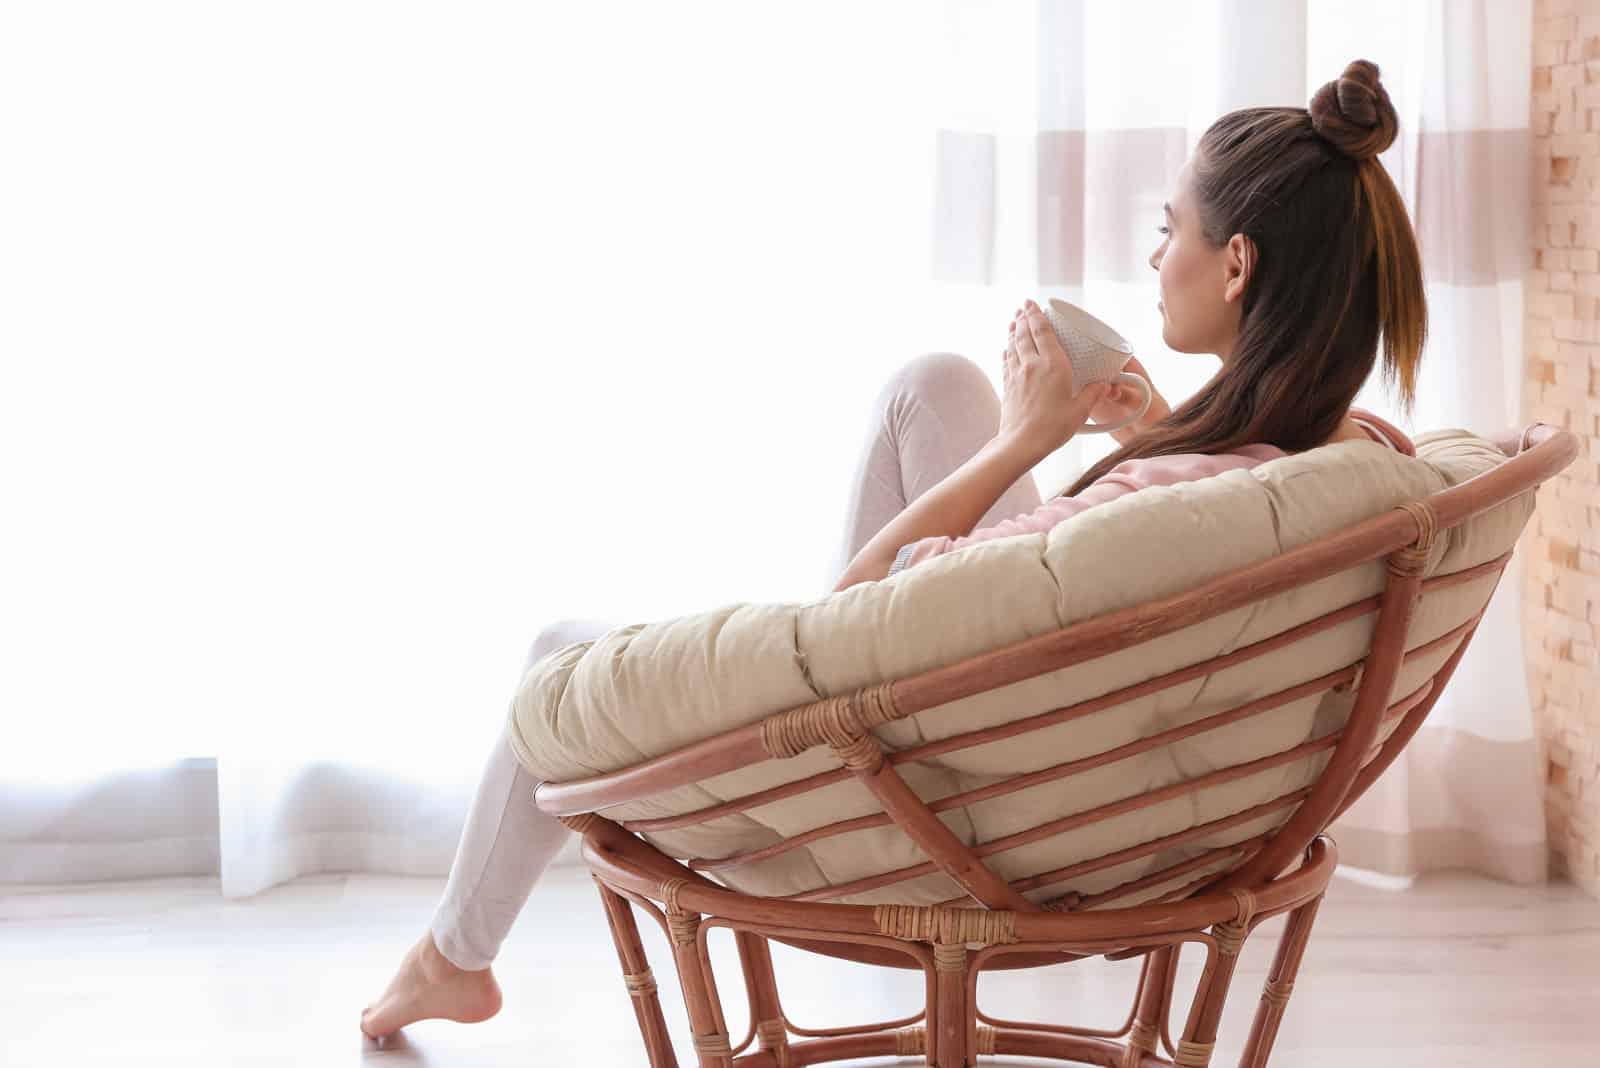 la femme est assise sur une chaise et boit du café